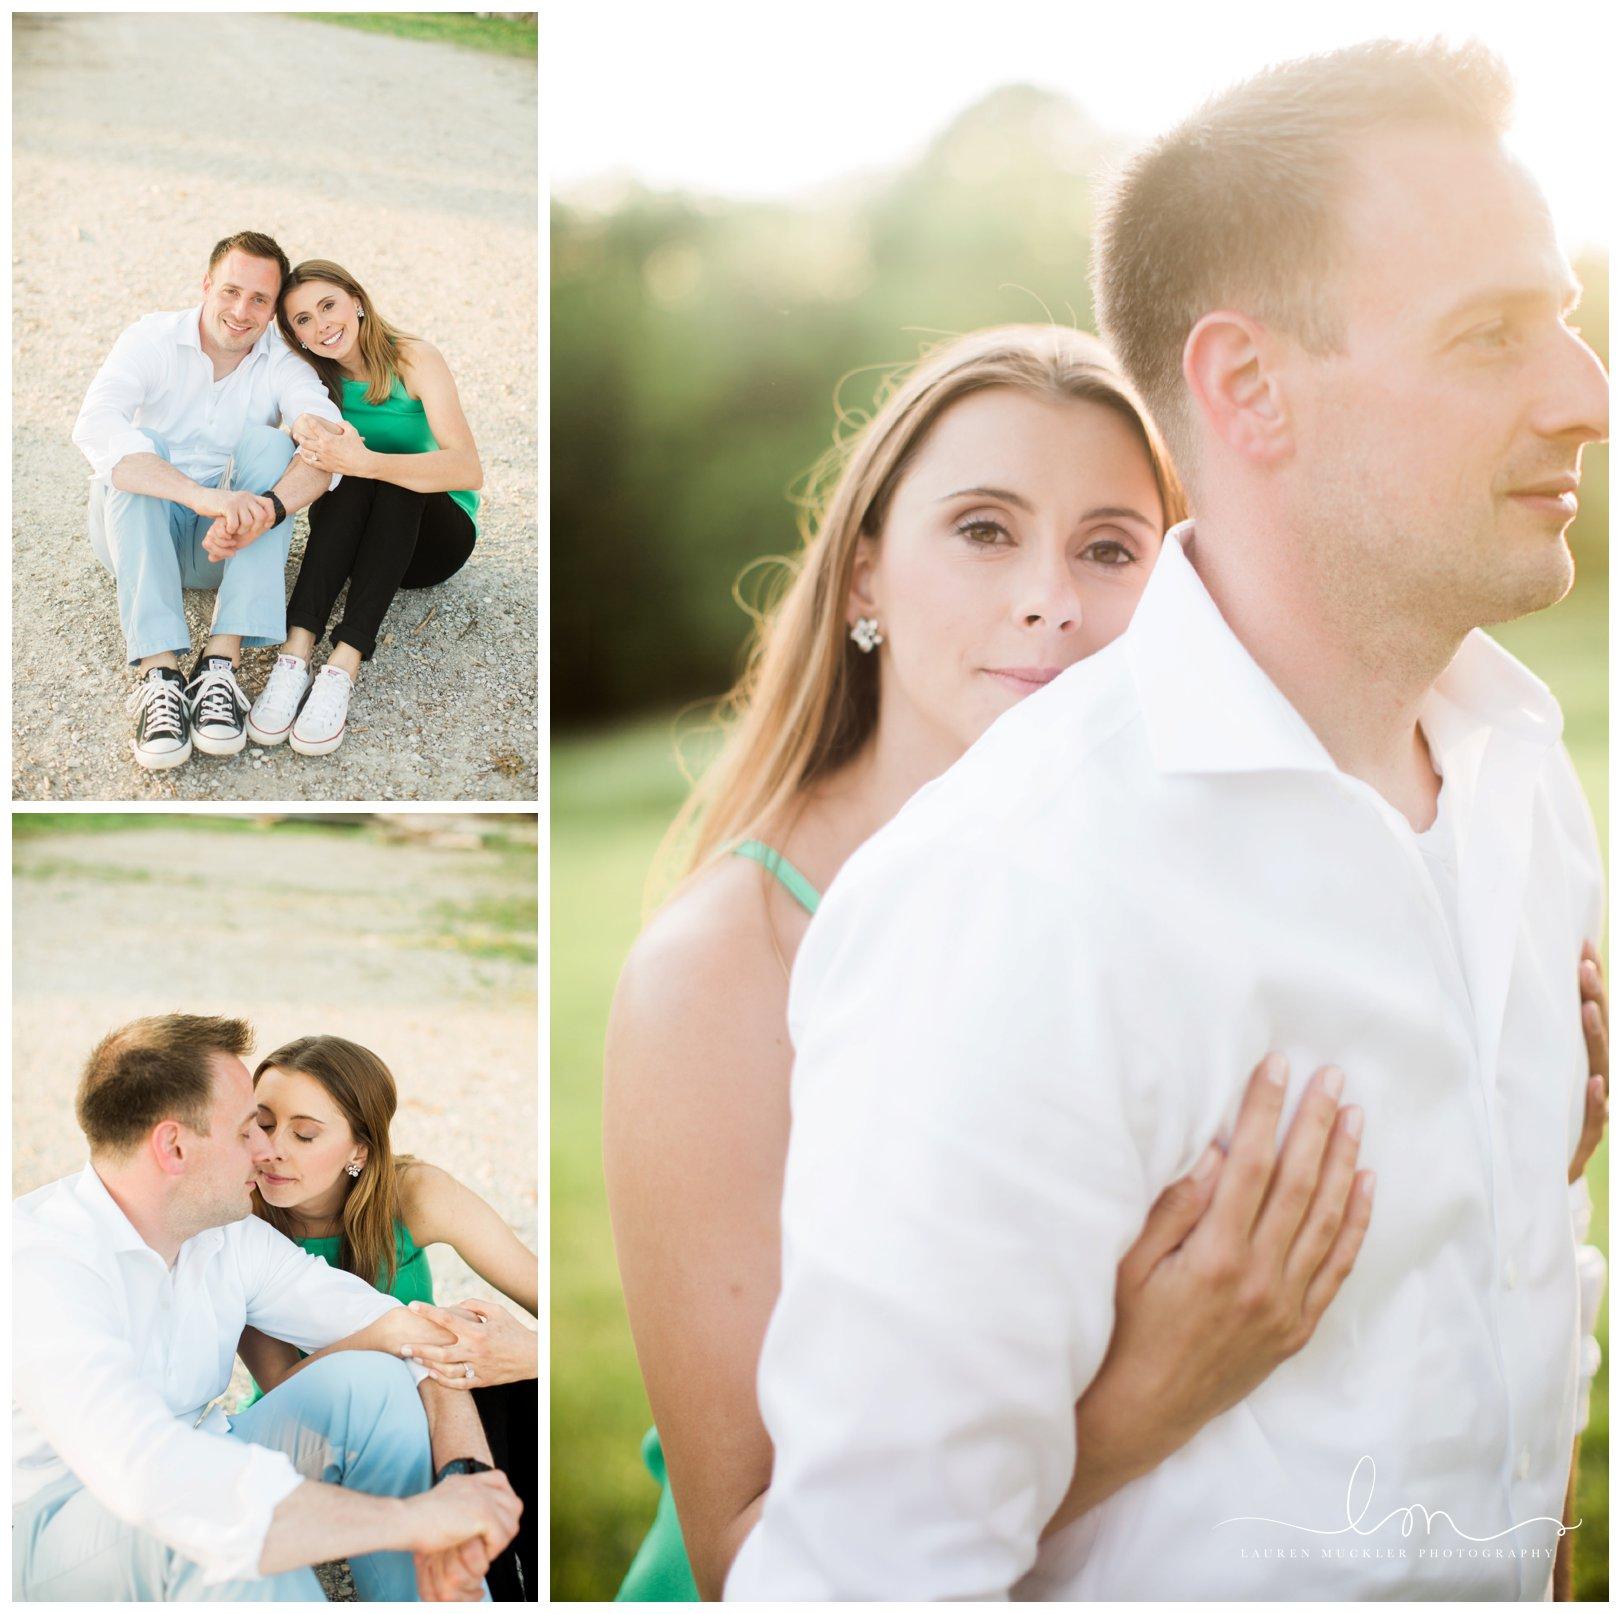 lauren muckler photography_fine art film wedding photography_st louis_photography_0315.jpg